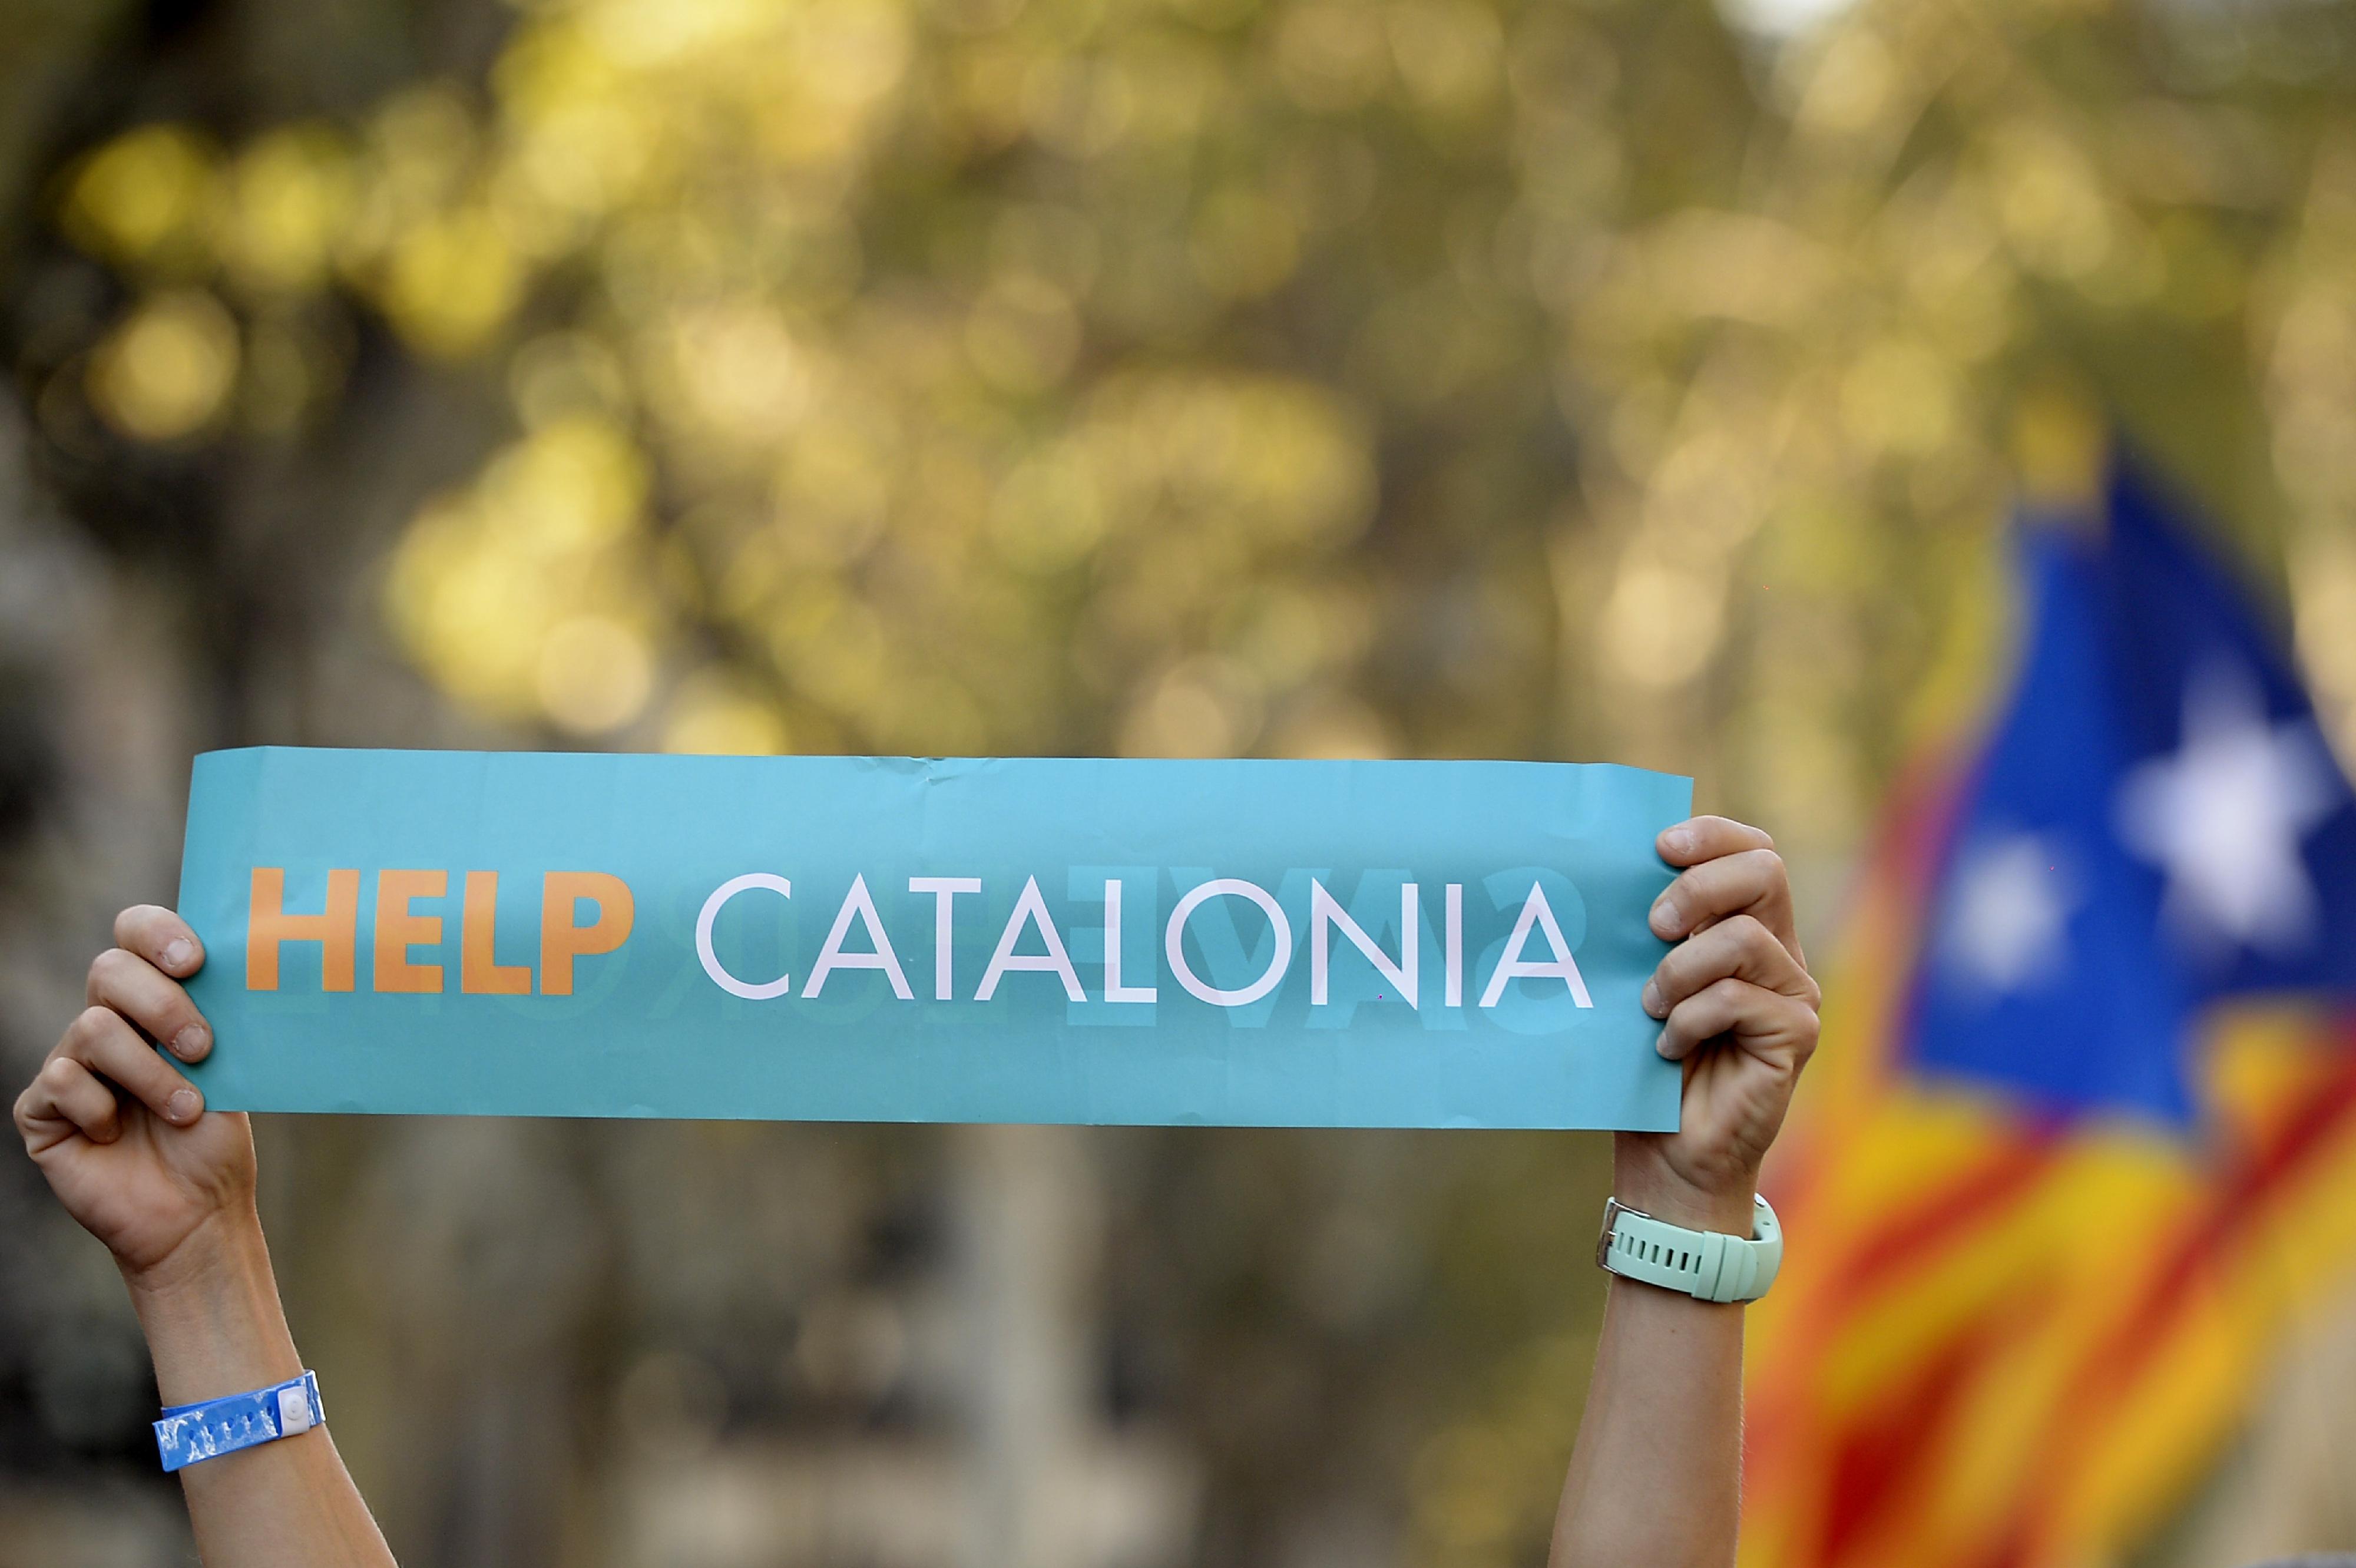 Dezenas de milhares manifestam-se em Barcelona contra decisão de Madrid. Veja as fotos